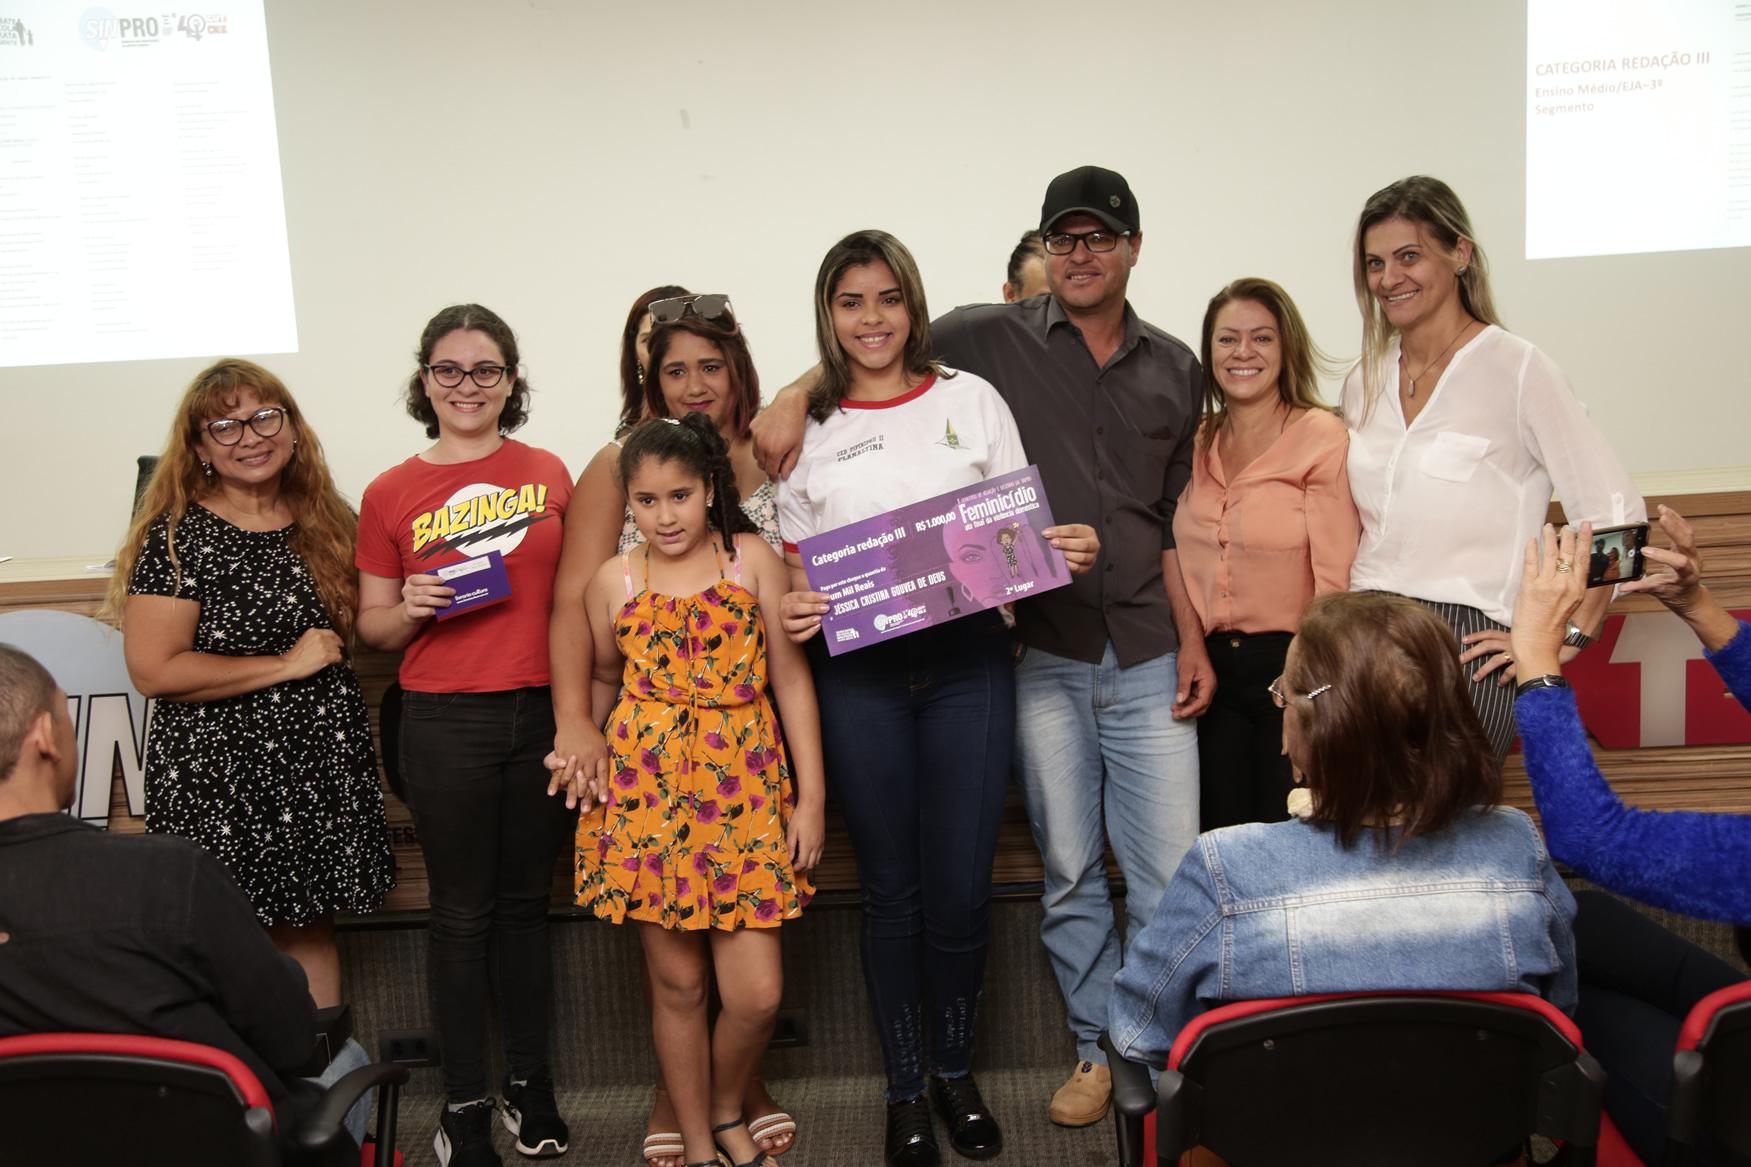 2019.05.19-Premiacao-do-X-Concurso-de-Redacao-do-Sinpro-DF_fotos-ECOM-17